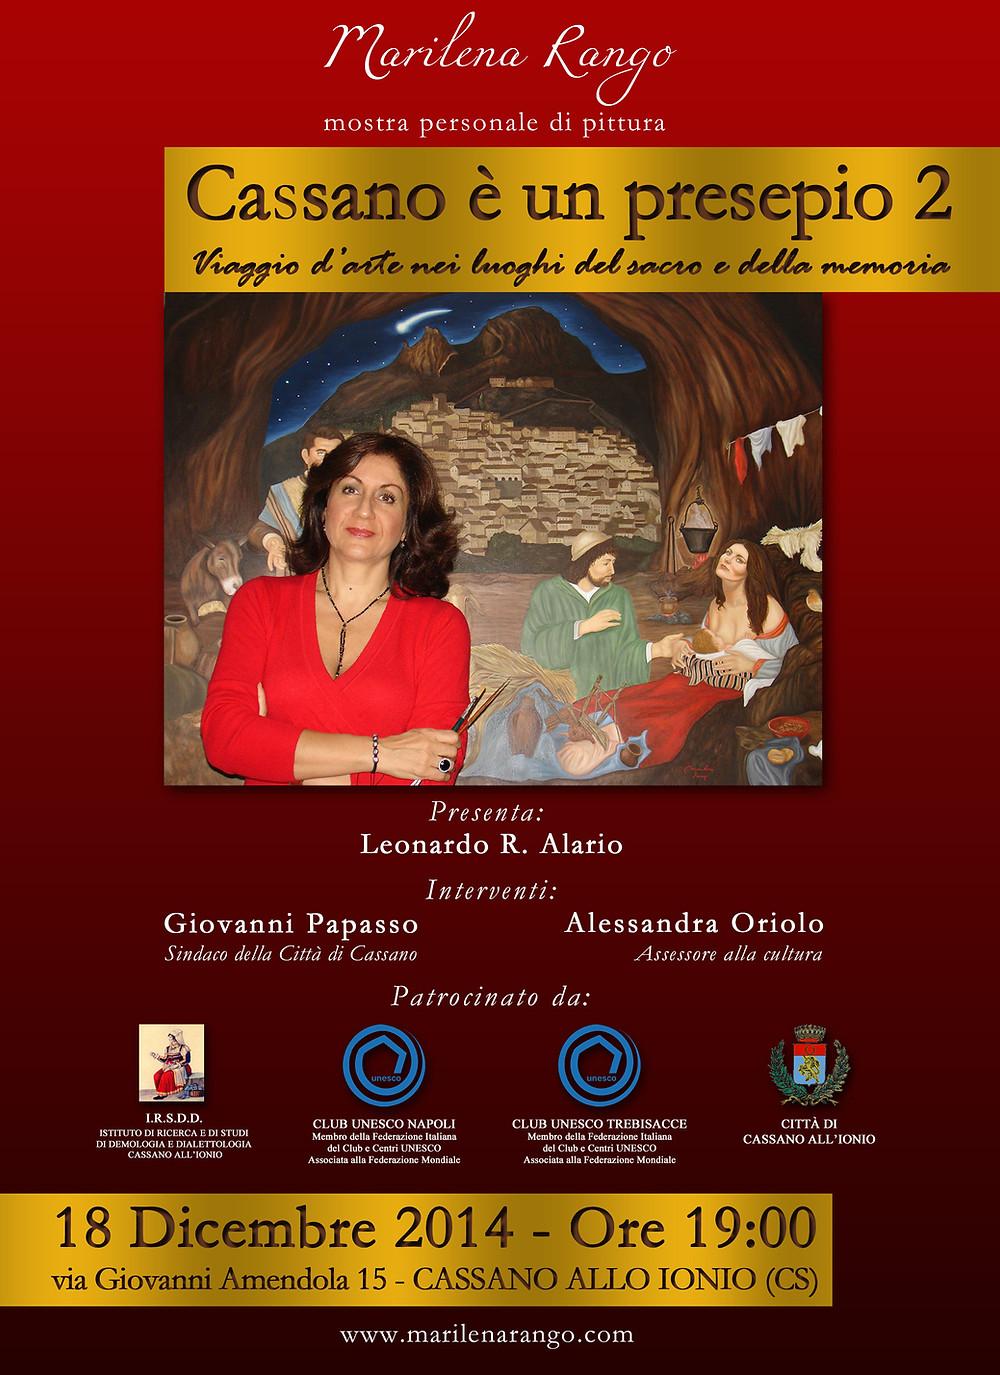 manifesto_cassano_è_un_presepio_2_-_2014.jpg